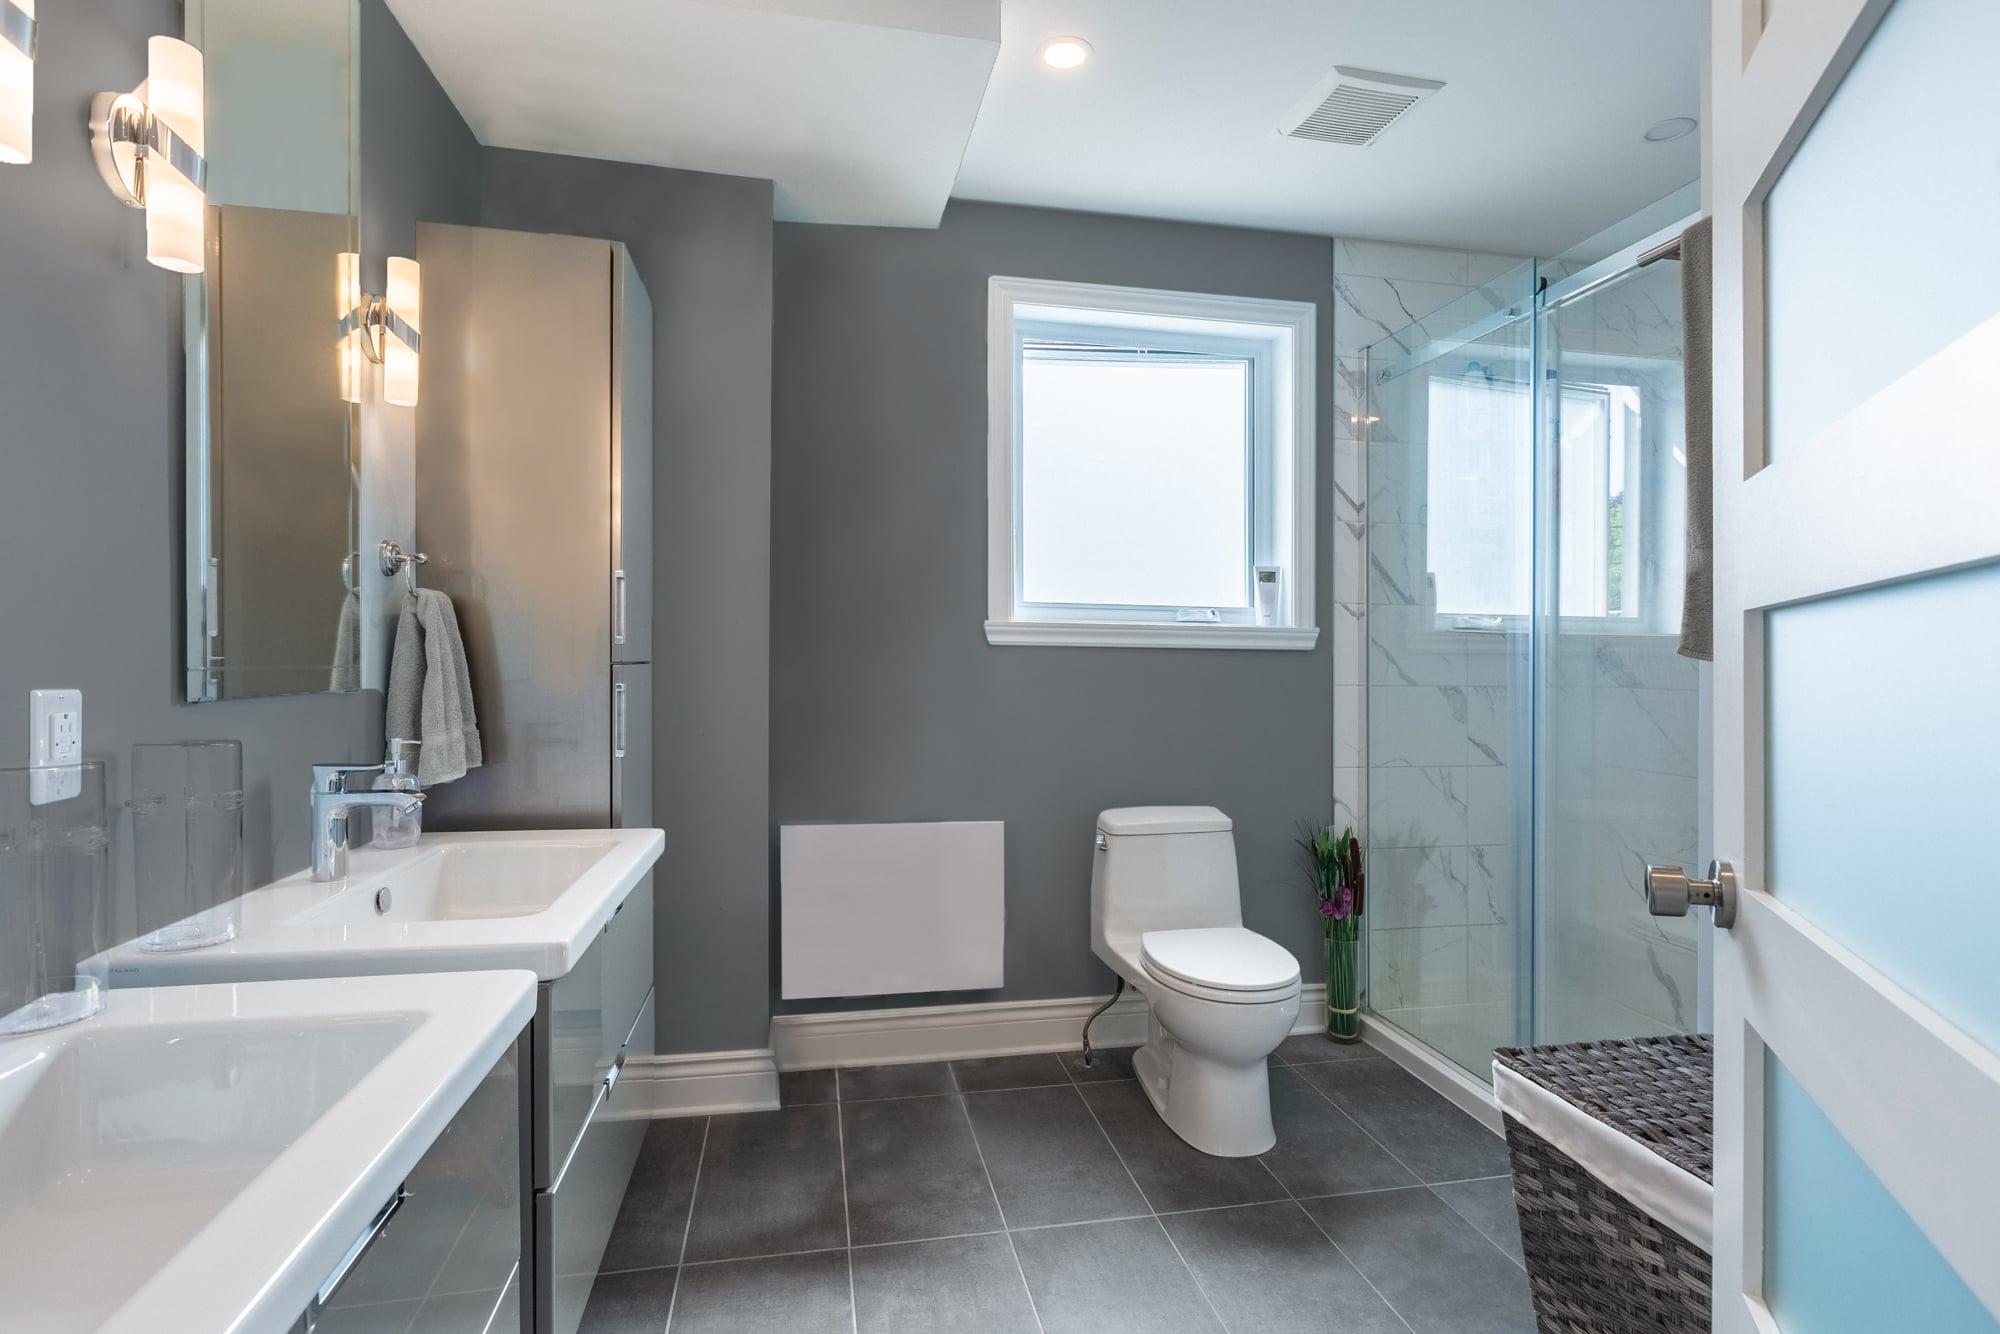 salle de bain moderne grise avec deux vanités